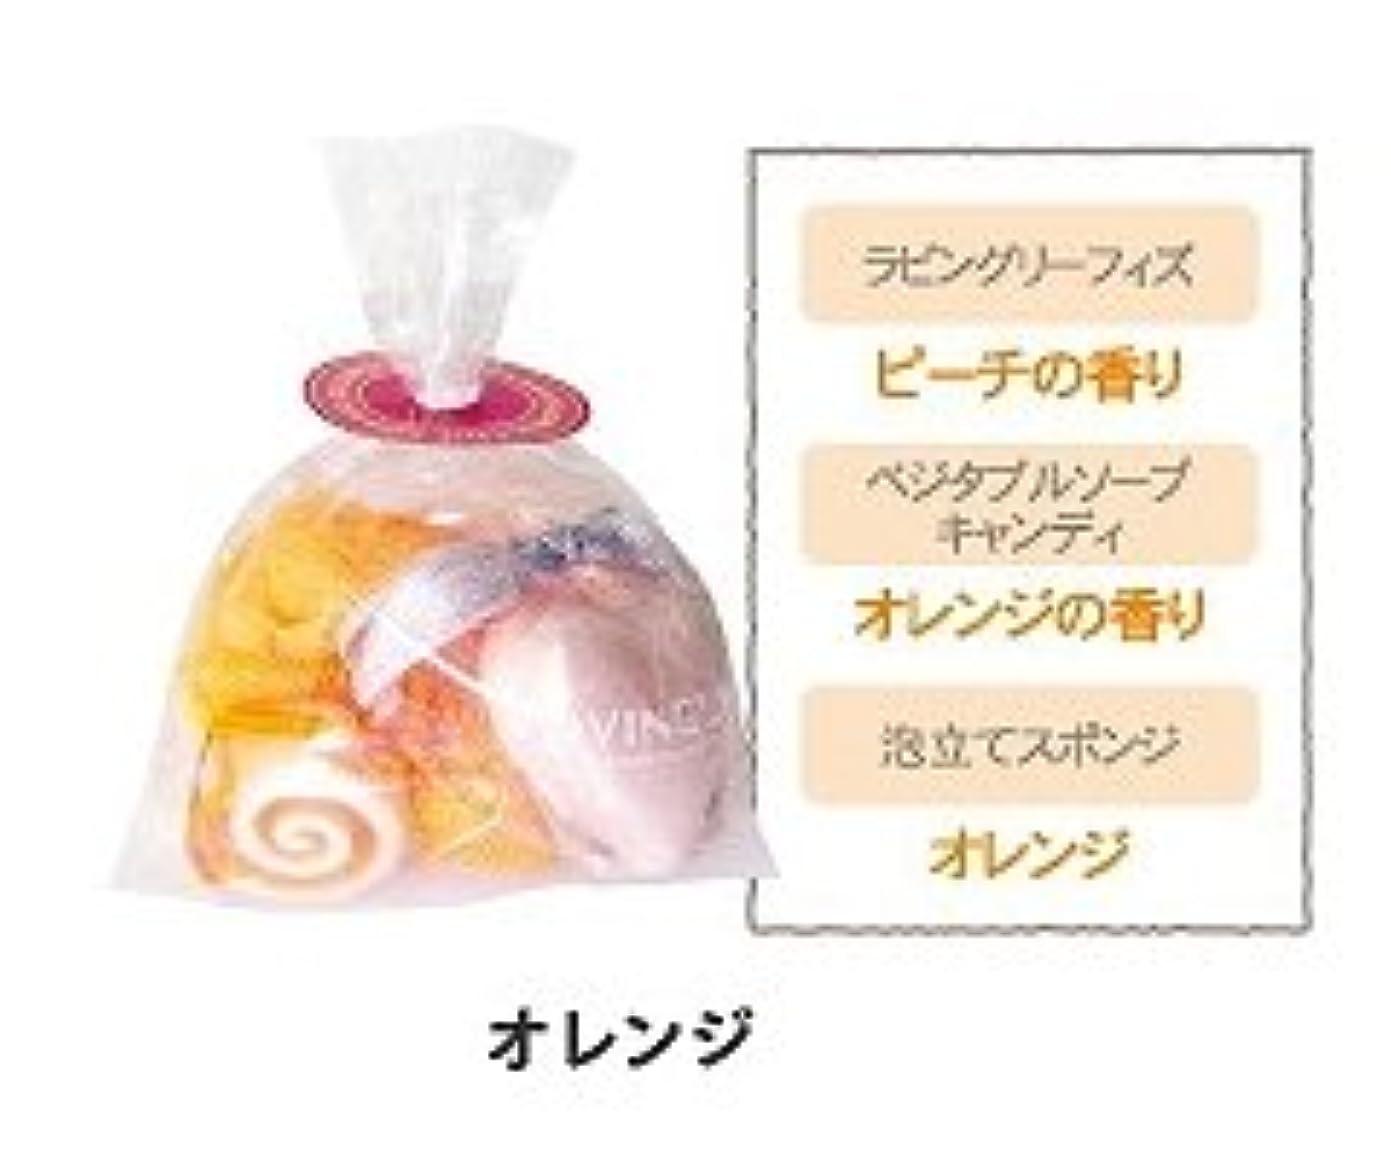 驚オンスかわすカラフルキャンディ バスバッグ オレンジ 12個セット